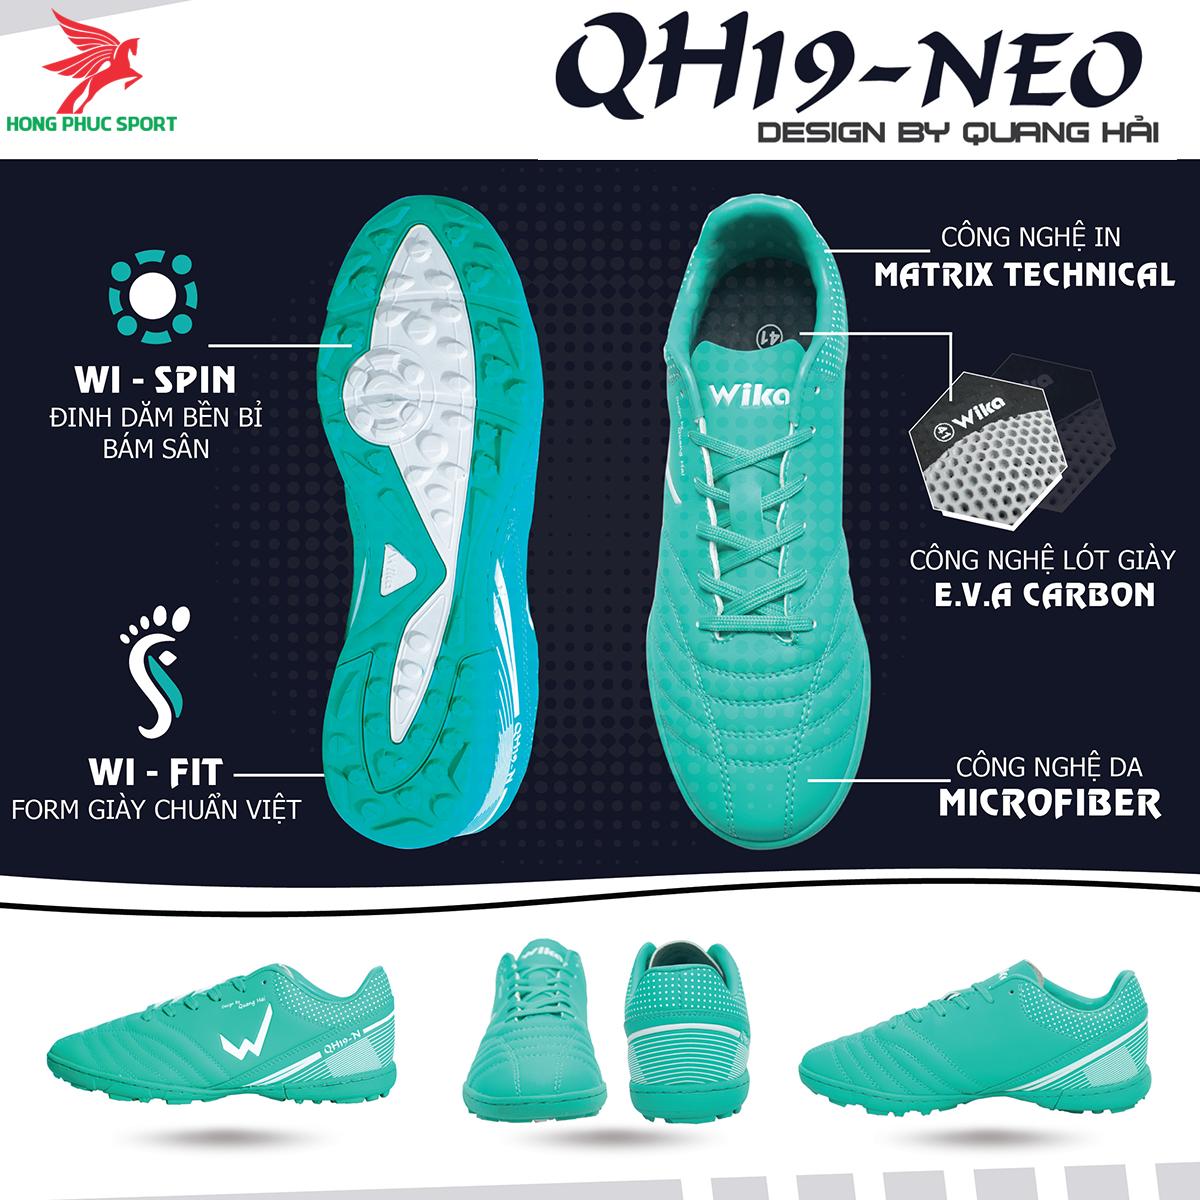 Giày đá banh Wika QH19 Neo sân cỏ nhân tạo màu Xanh lam (1)